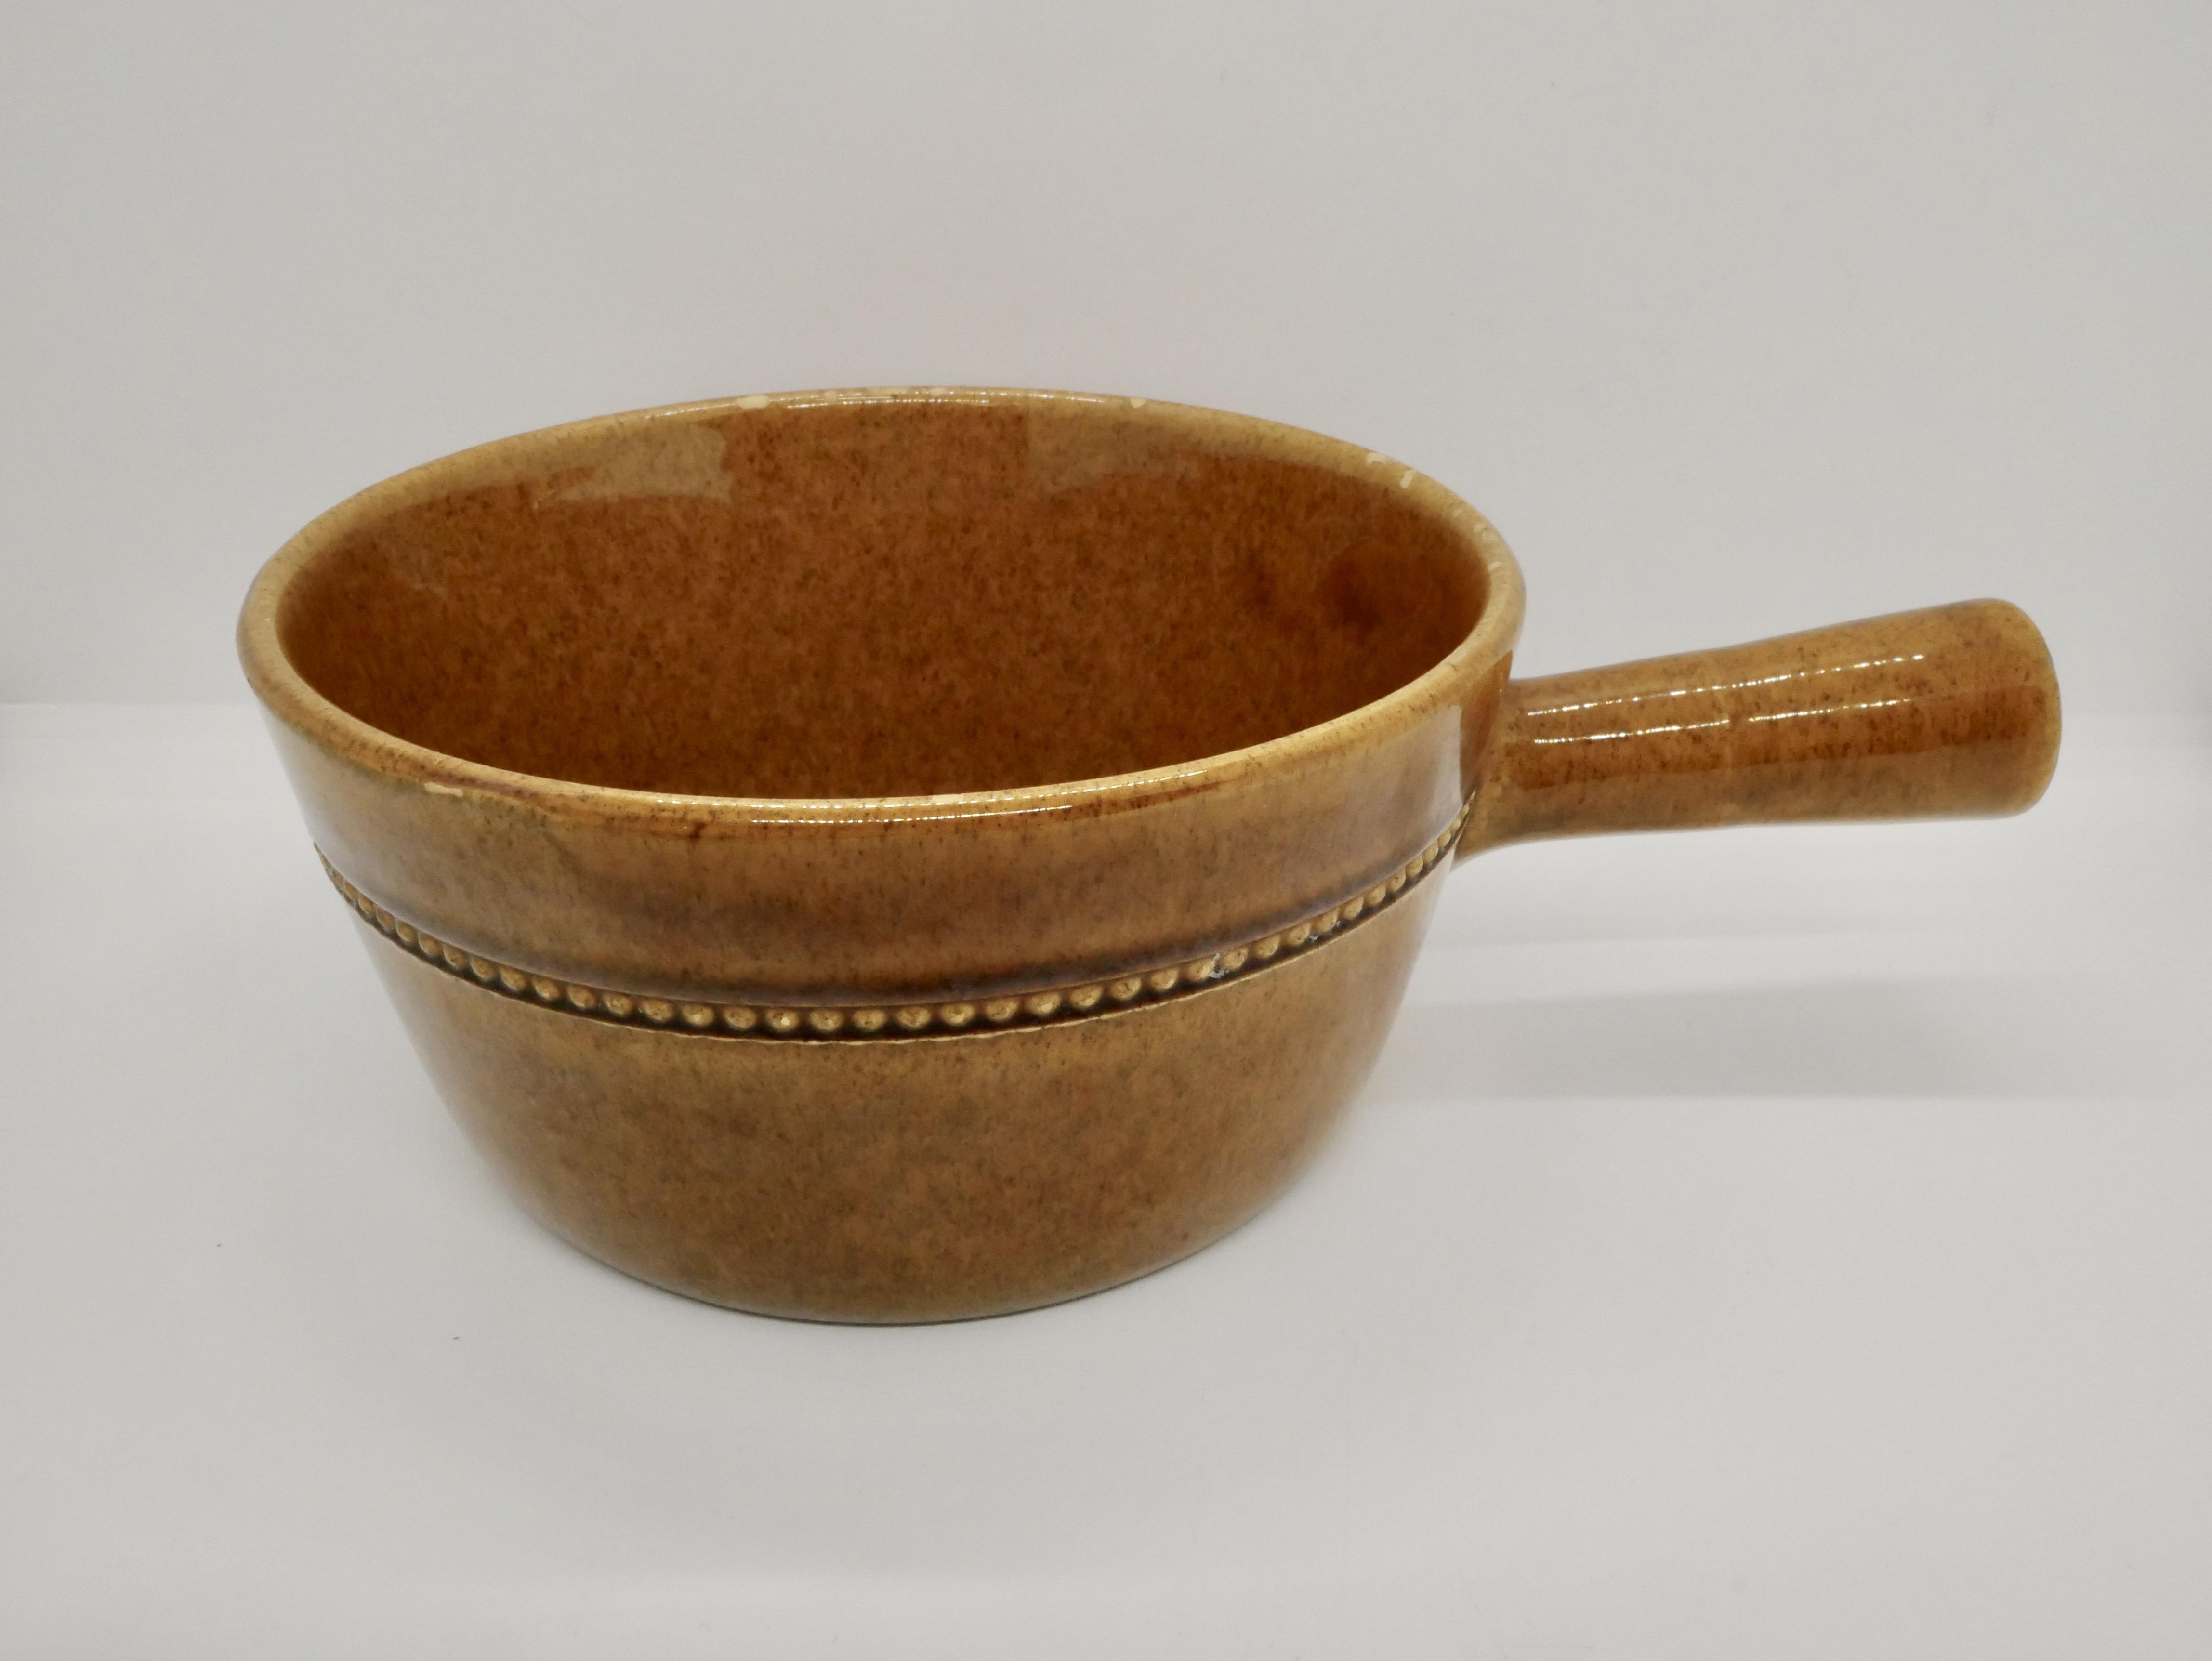 Höganäs keramik(ホガナス ケラミック)・Old Höganäs サービングボウル